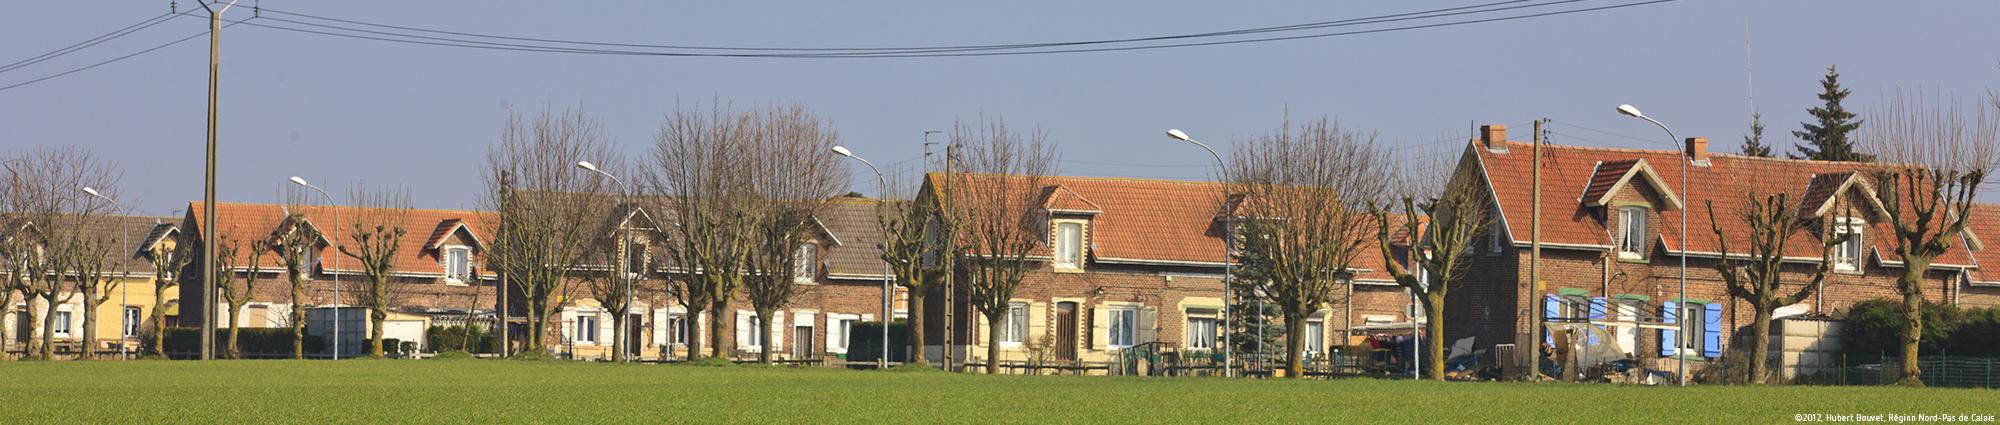 Cité n°5 à Grenay ©2012, Hubert Bouvet, Région Nord-Pas de Calais